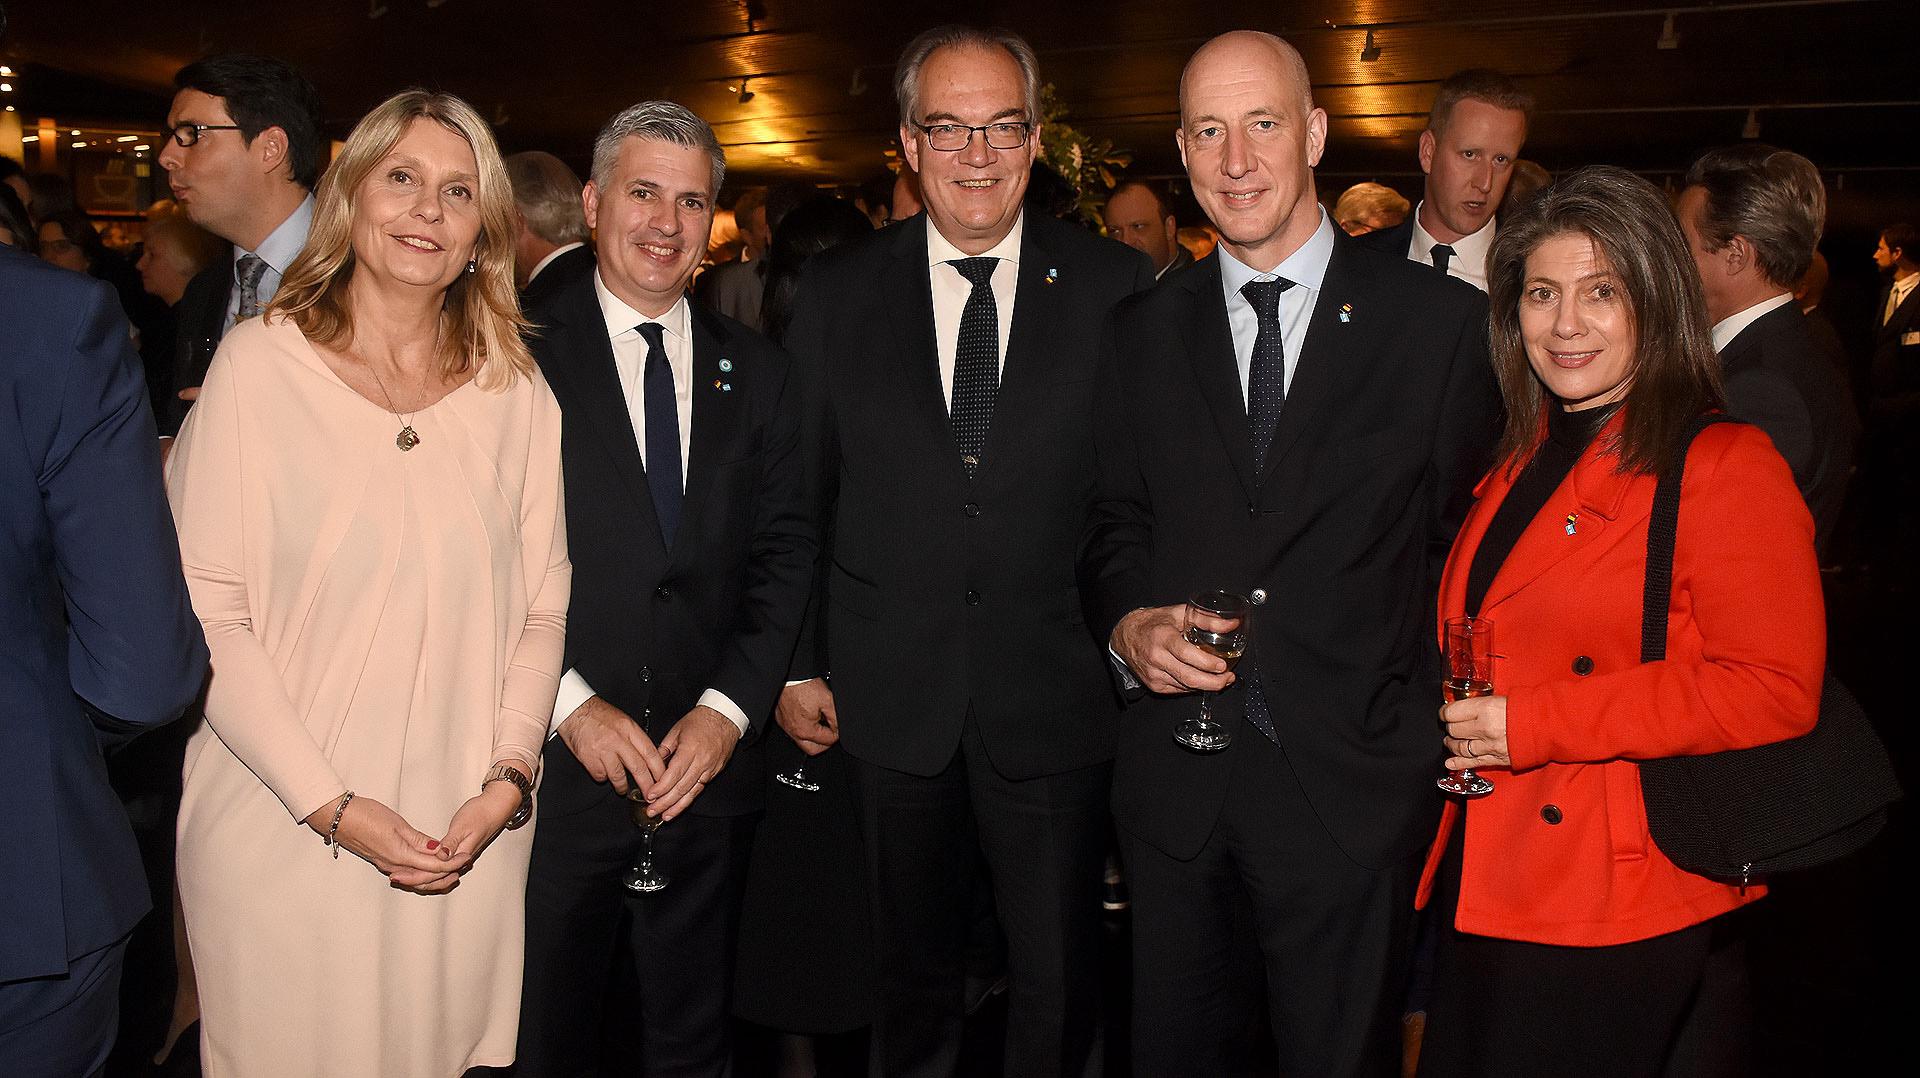 Cornelia Schmidt Liermann y Marcelo Scaglione junto a los embajadores Jürgen Christian Mertens y Mark Kent, acompañado por su esposa Martine